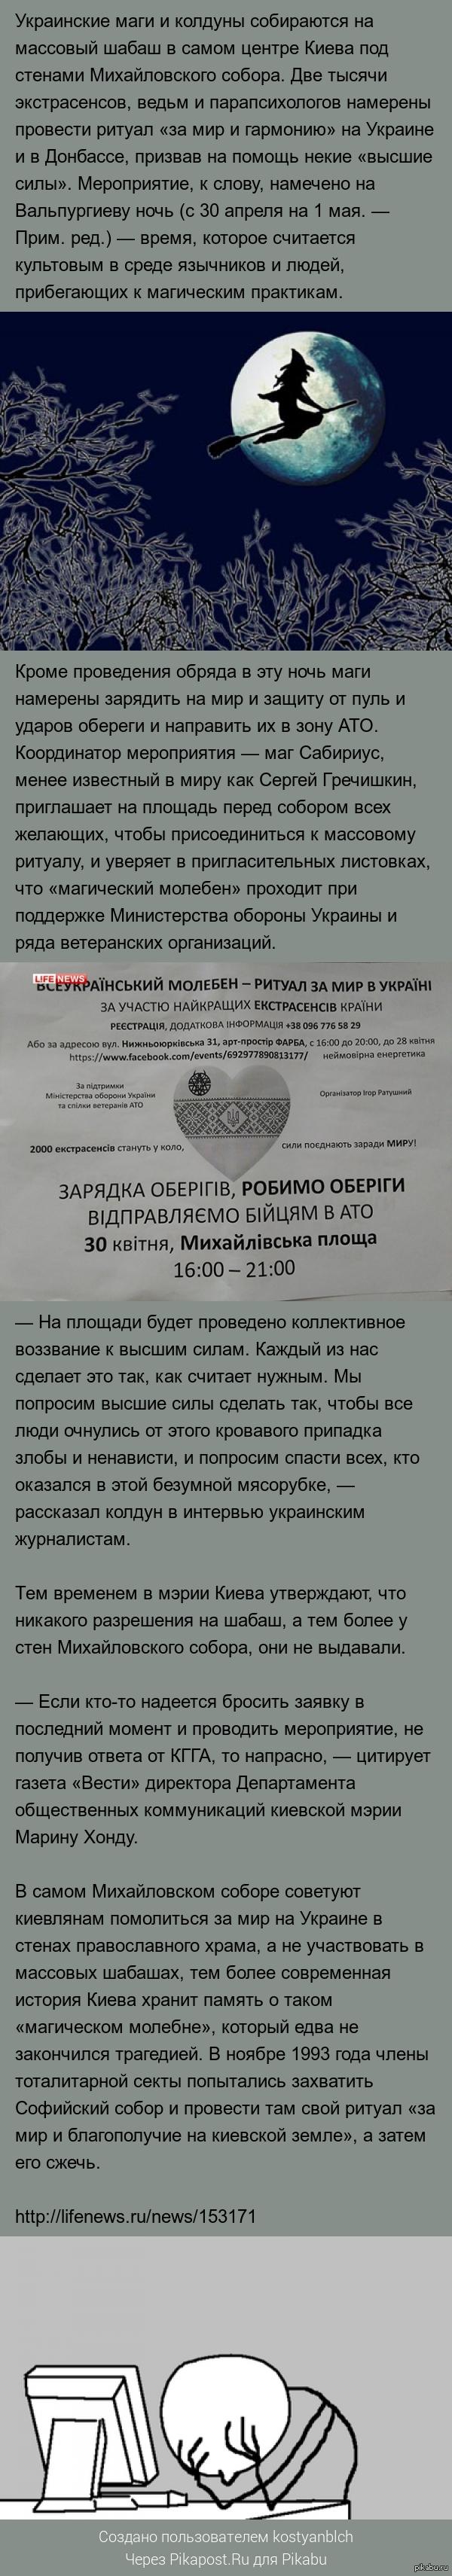 Последняя надежда  АТО.... http://lifenews.ru/news/153171